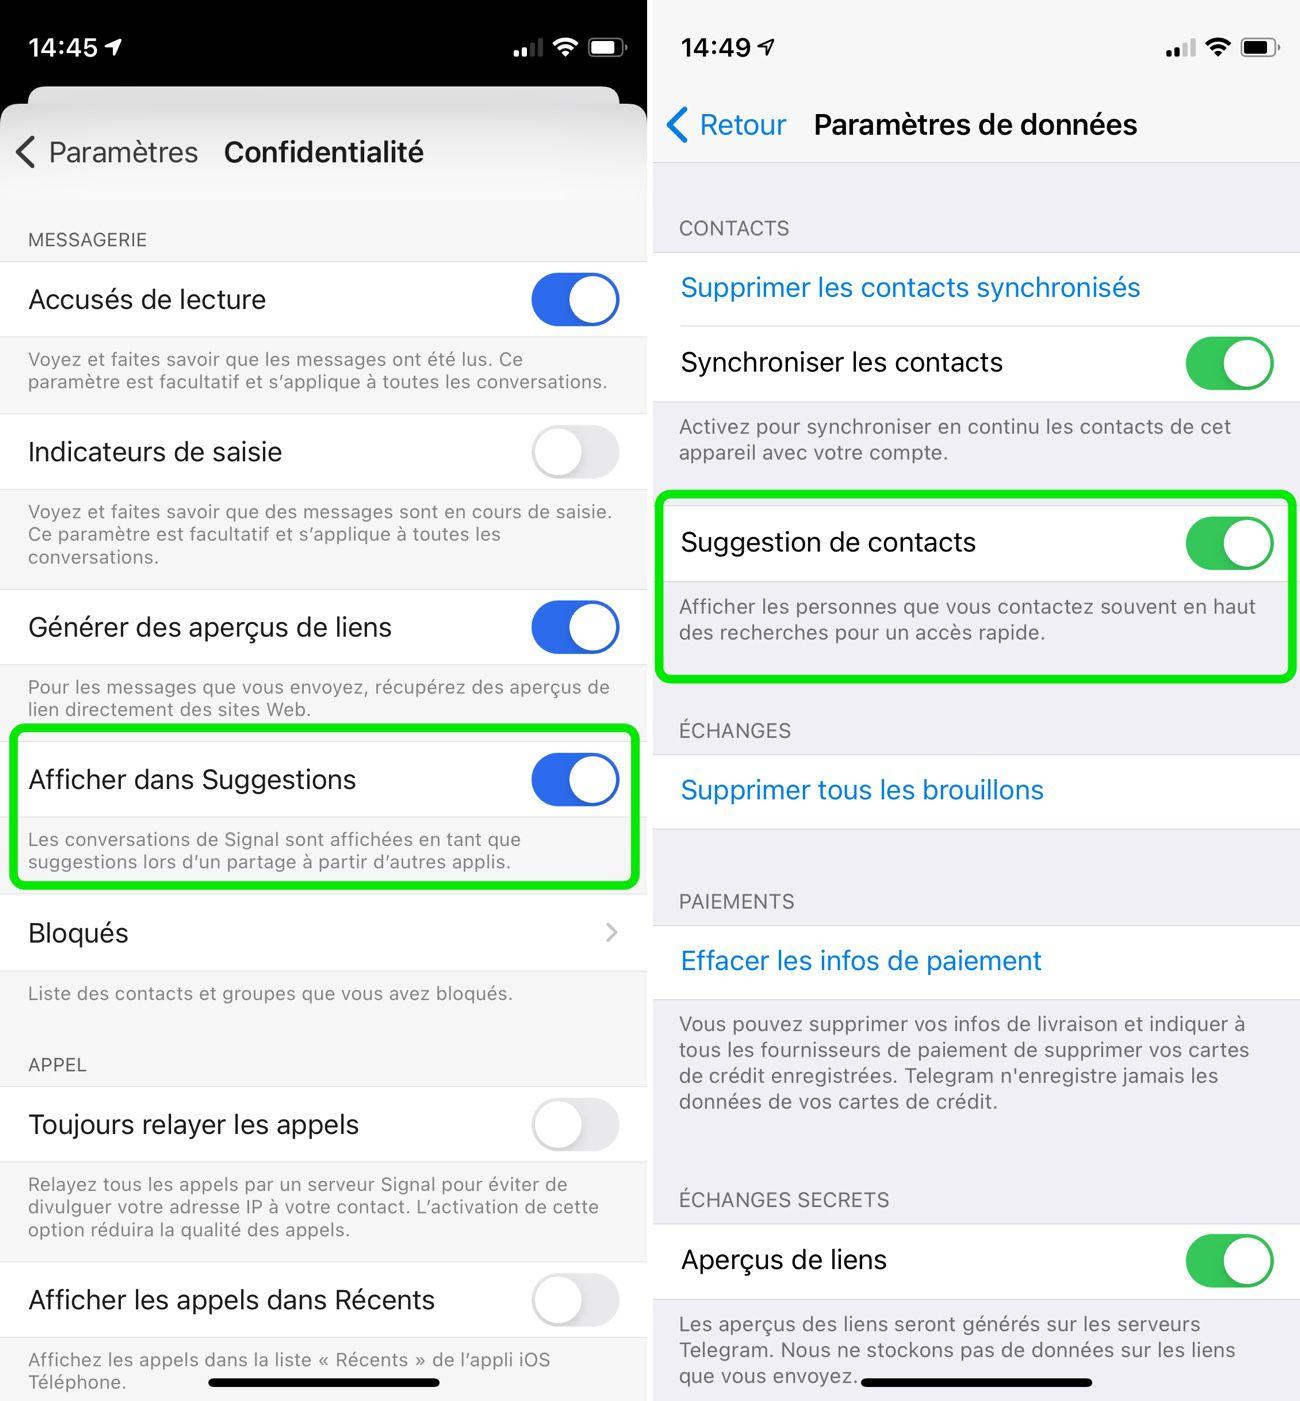 Ce message de l'application aux utilisateurs suscite des interrogations — Togo / WhatsApp